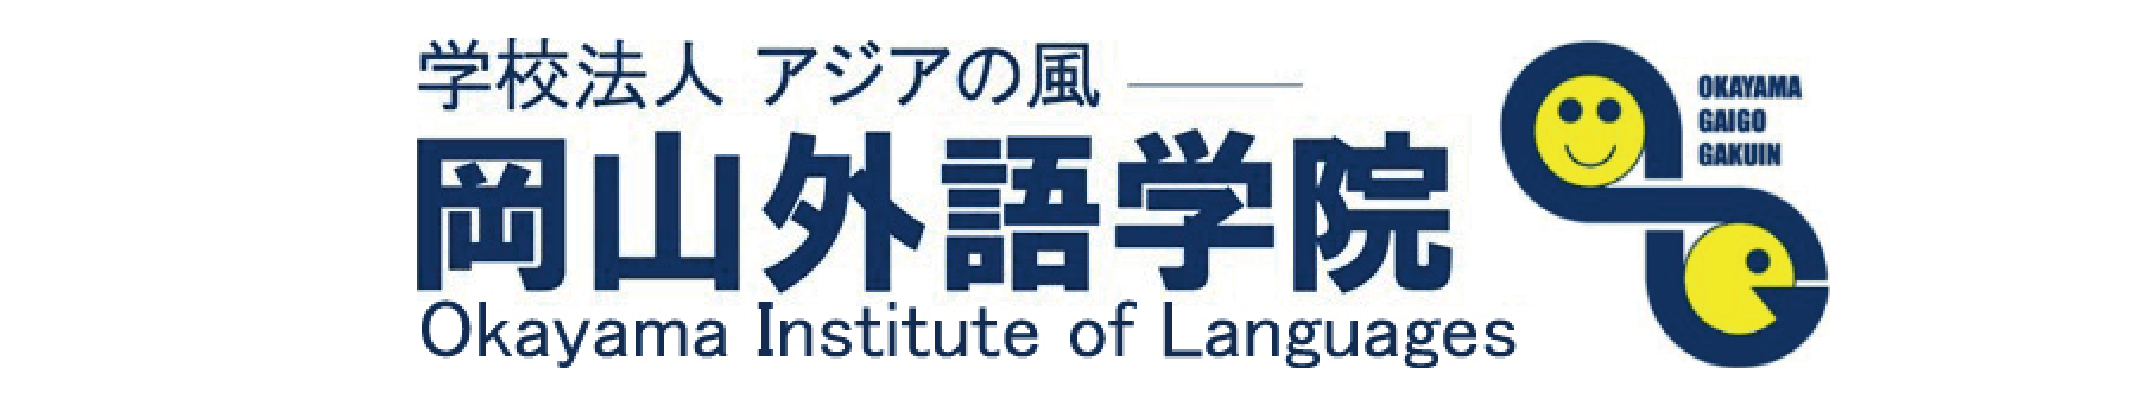 岡山外語学院